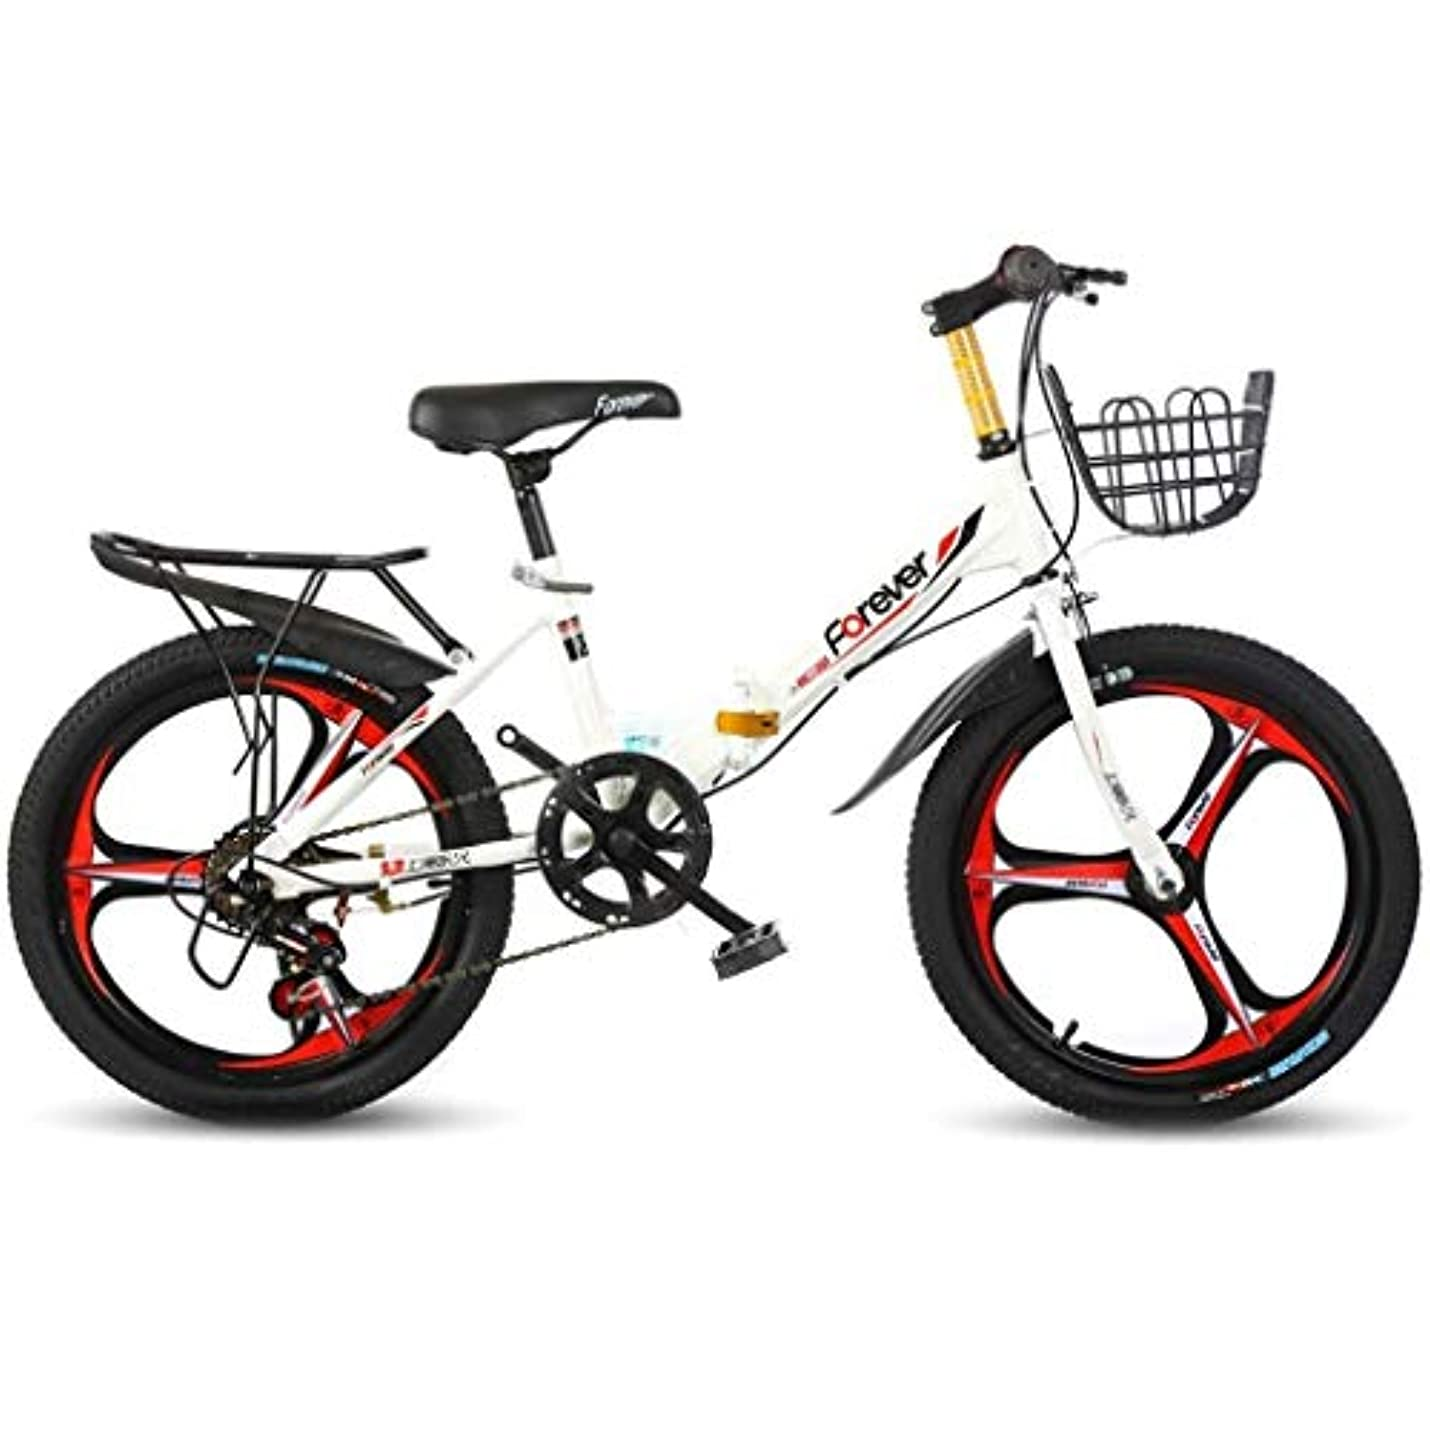 シェア筋肉の遺伝子自転車旅行子供用折りたたみシステム山折りたたみ自転車シティ自転車、子供用6速ギア、折りたたみシステム16インチ自転車